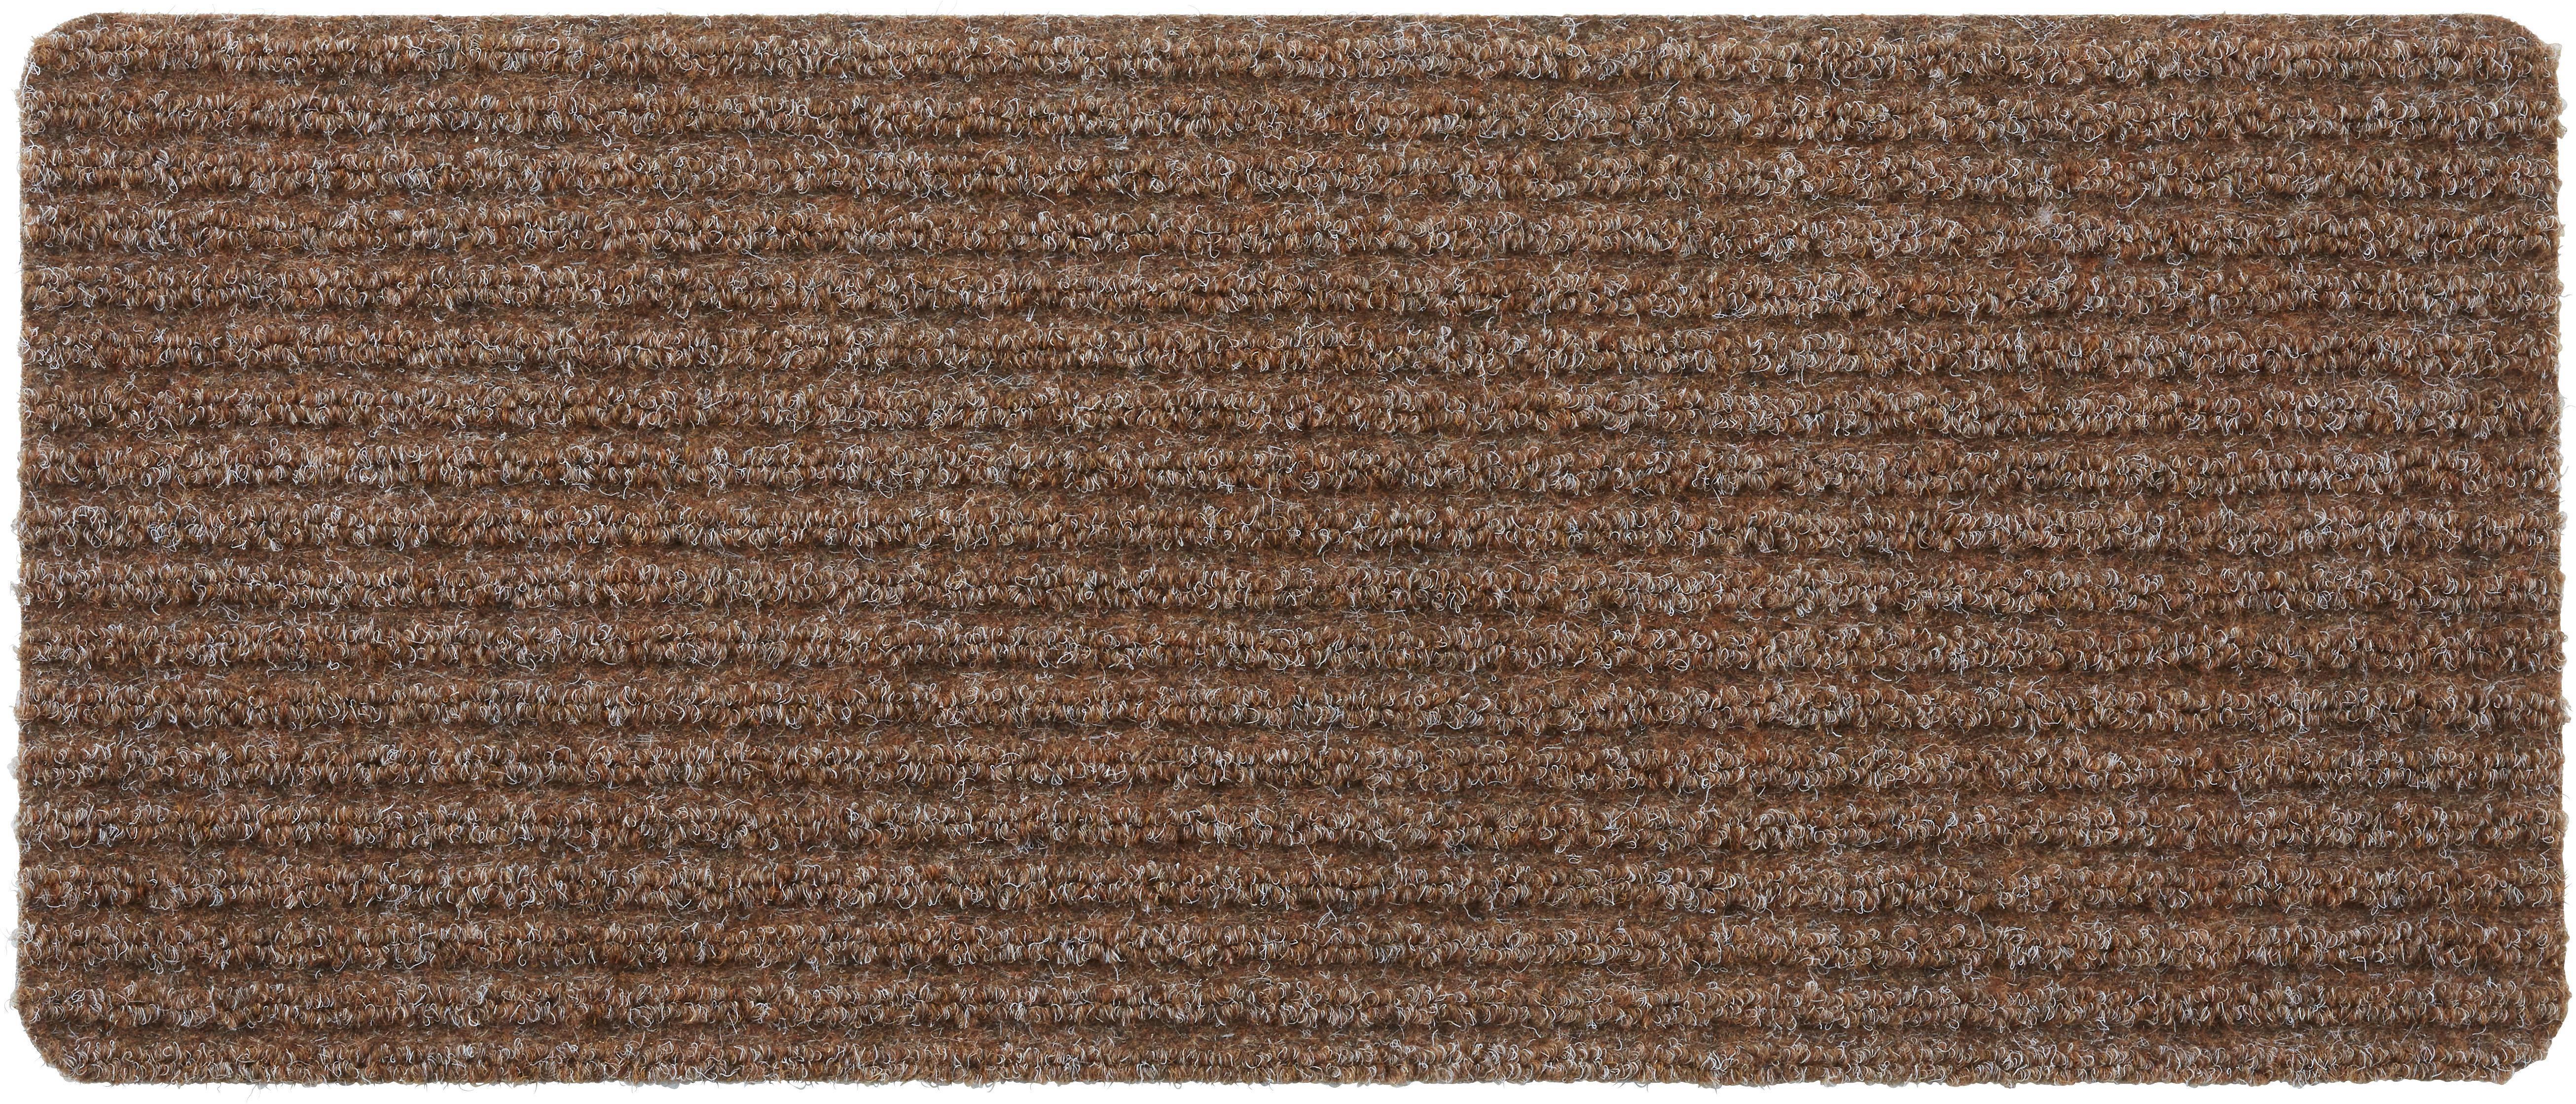 Lábtörlő Mona - barna/kék, konvencionális, textil (25/60cm) - MÖMAX modern living